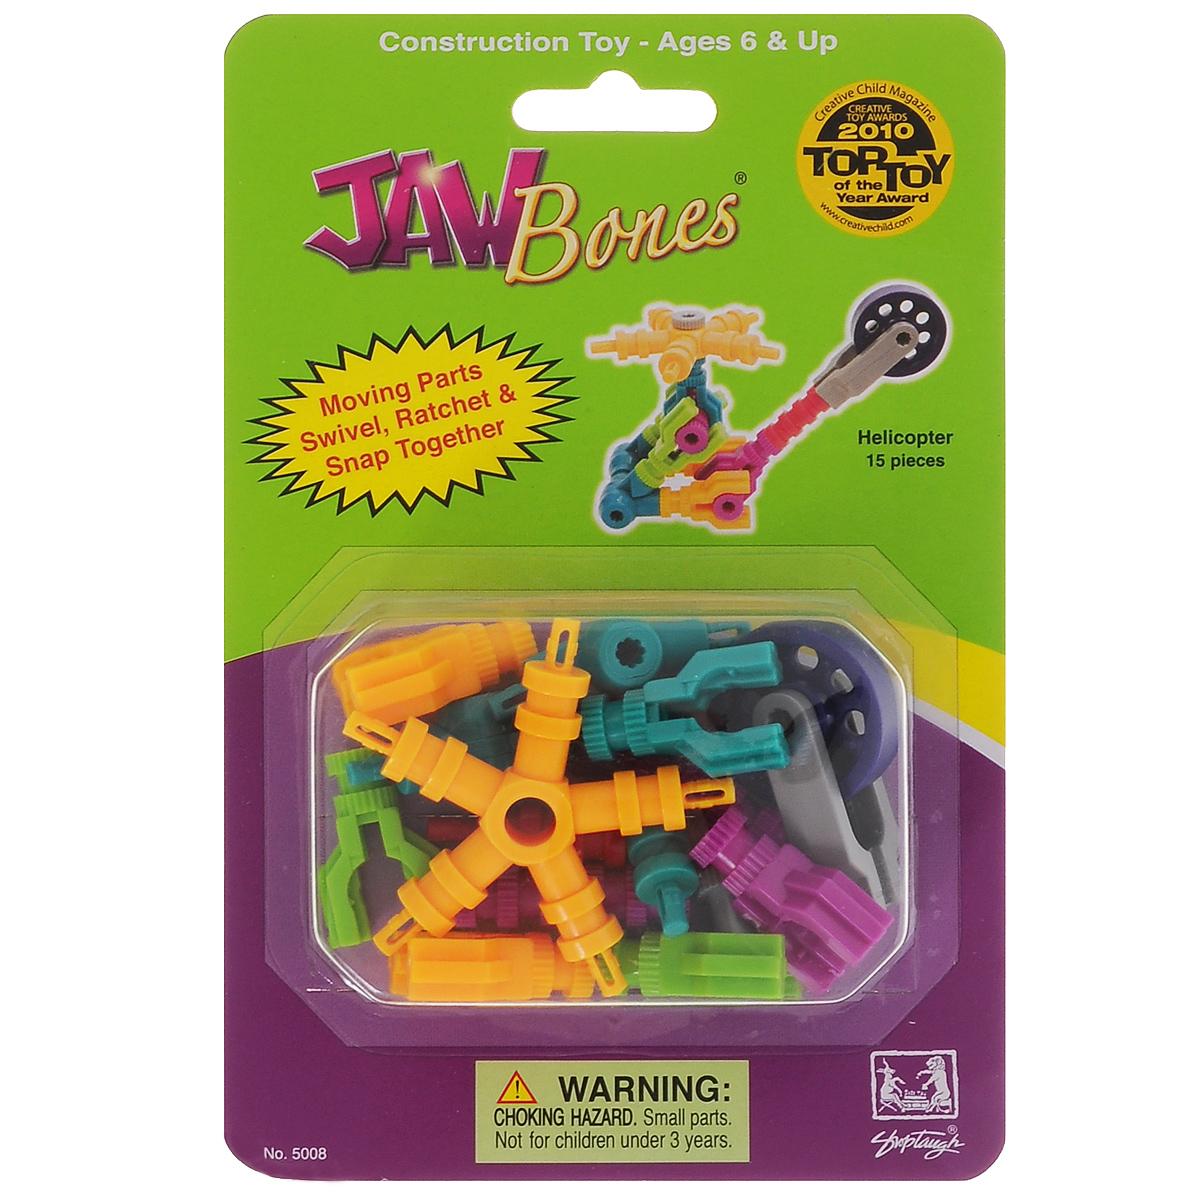 Jawbones Конструктор Вертолет 5008 jawbones конструктор гоночная машина